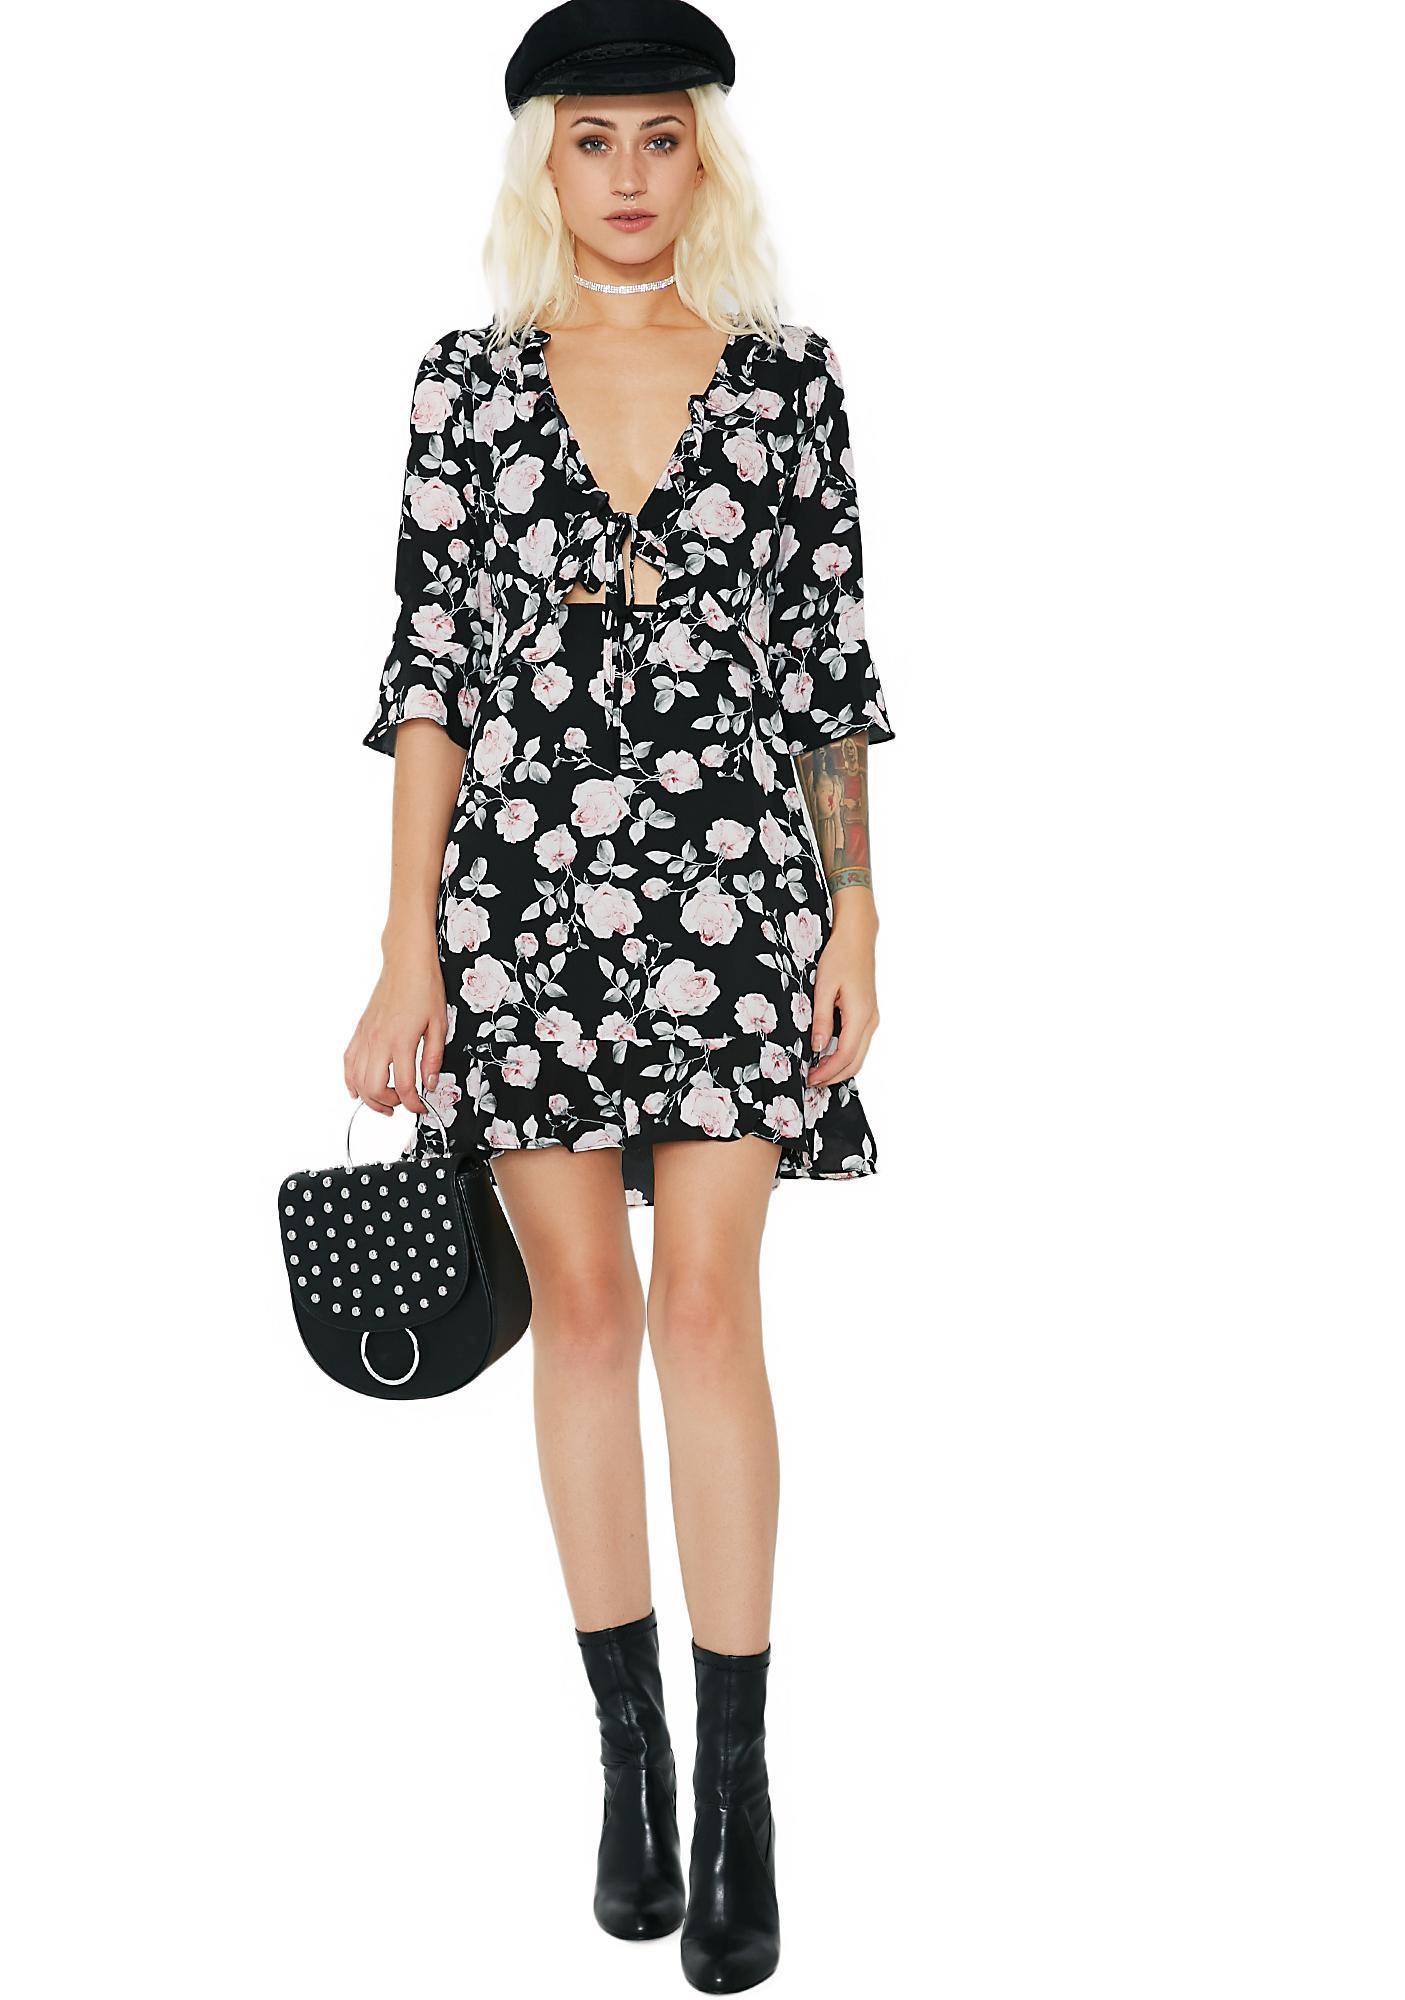 Hopeless Romantic Ruffled Dress